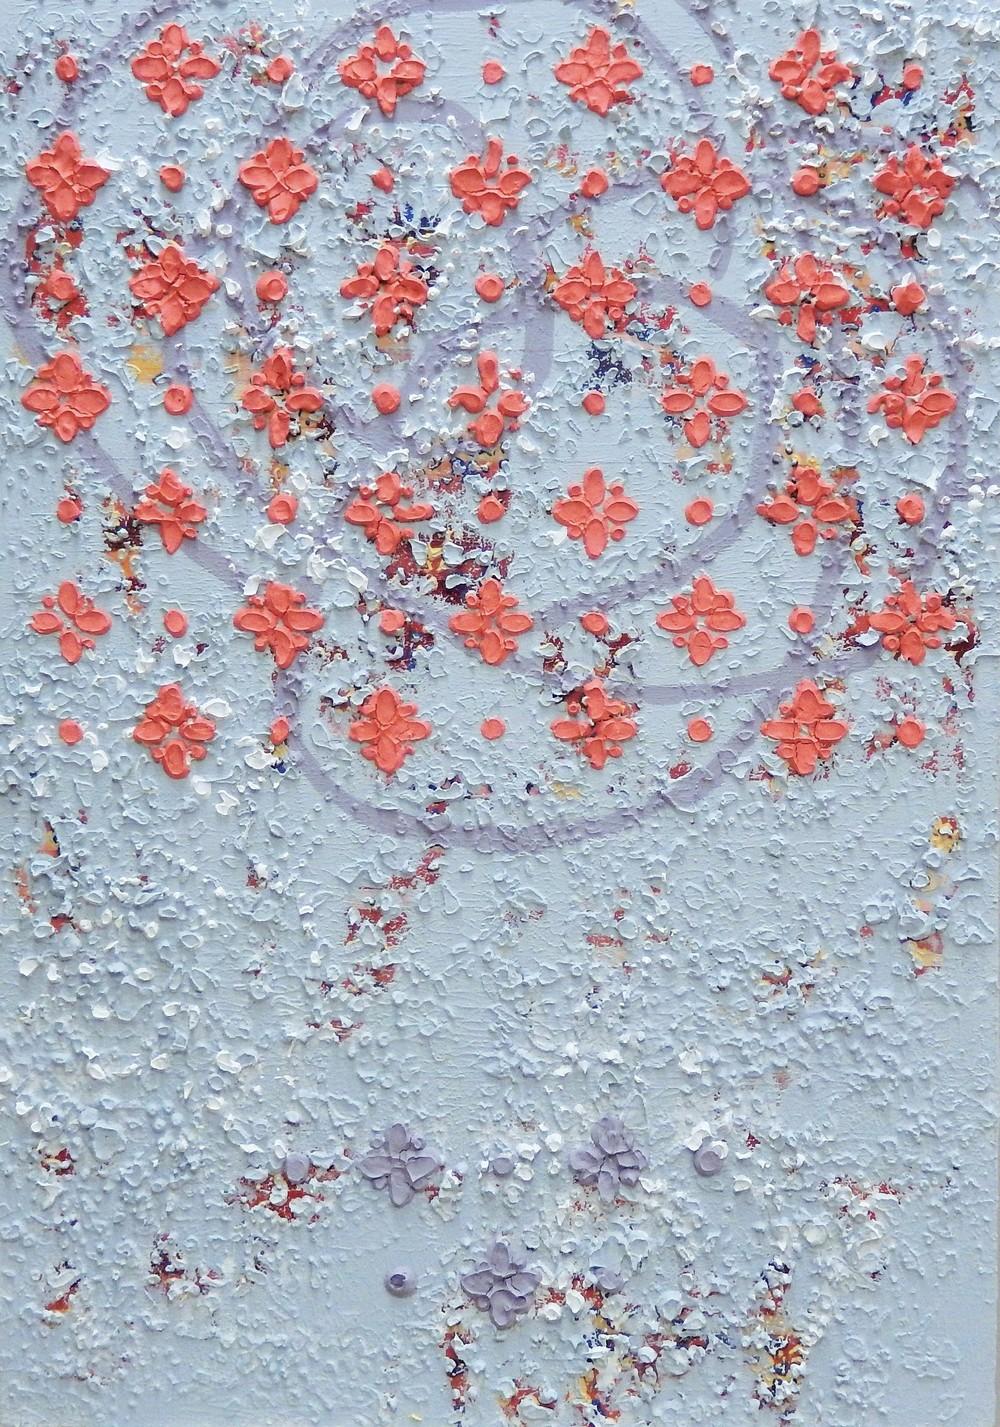 Columbia 2  Acrylic on canvas